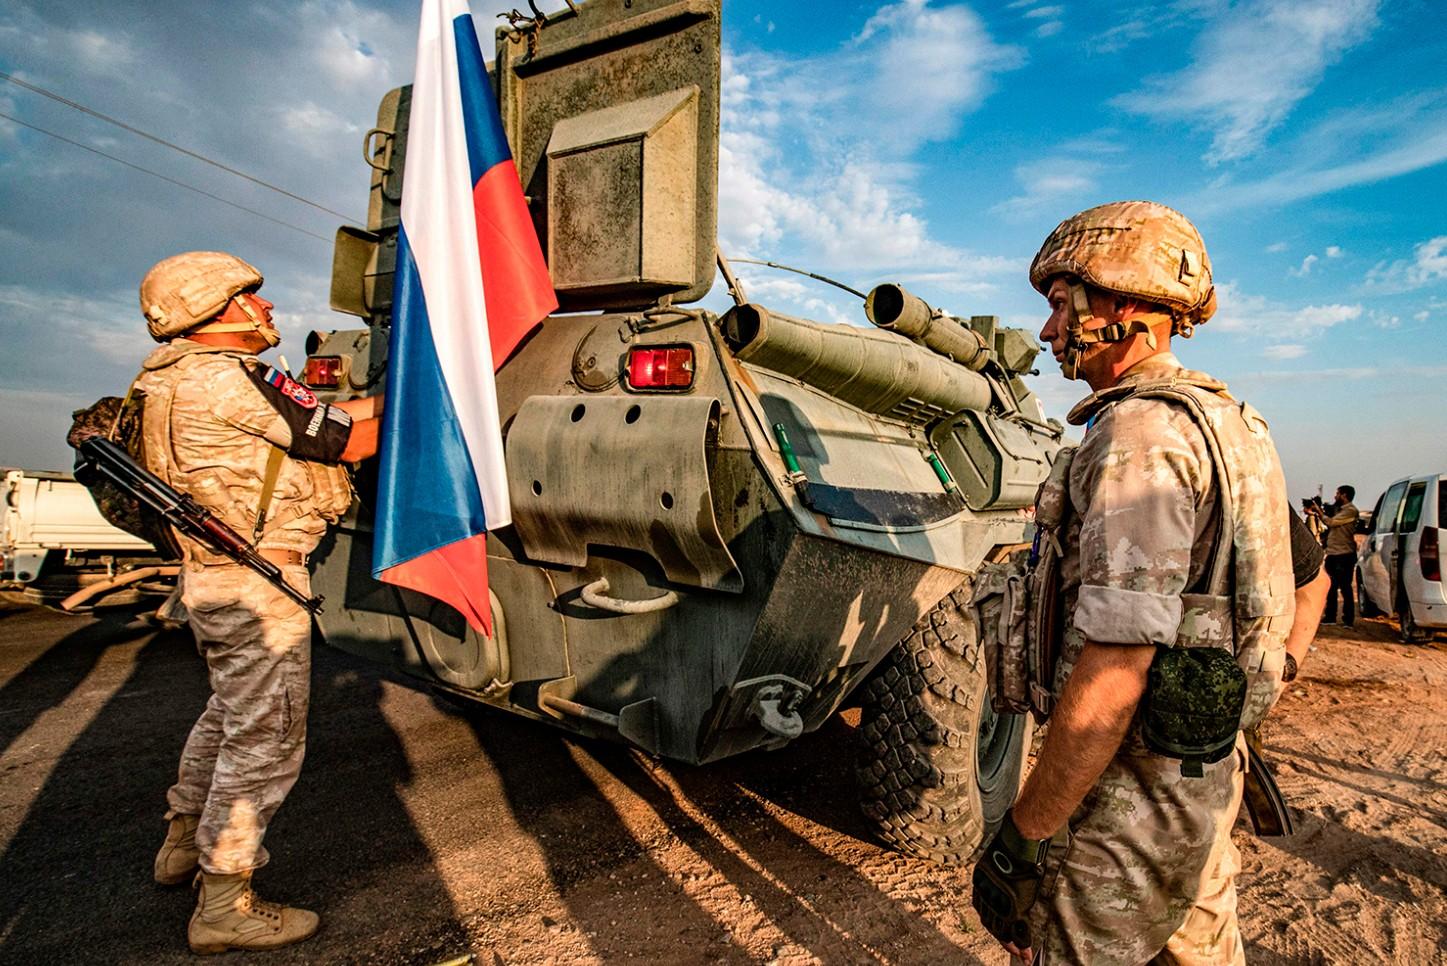 Pripadnici ruske vojne policije stoje u blizini oklopnog transportera u sirijskoj provinciji Hasaka, 24. oktobar 2019. (Foto: Delil Souleiman/AFP via Getty Images)